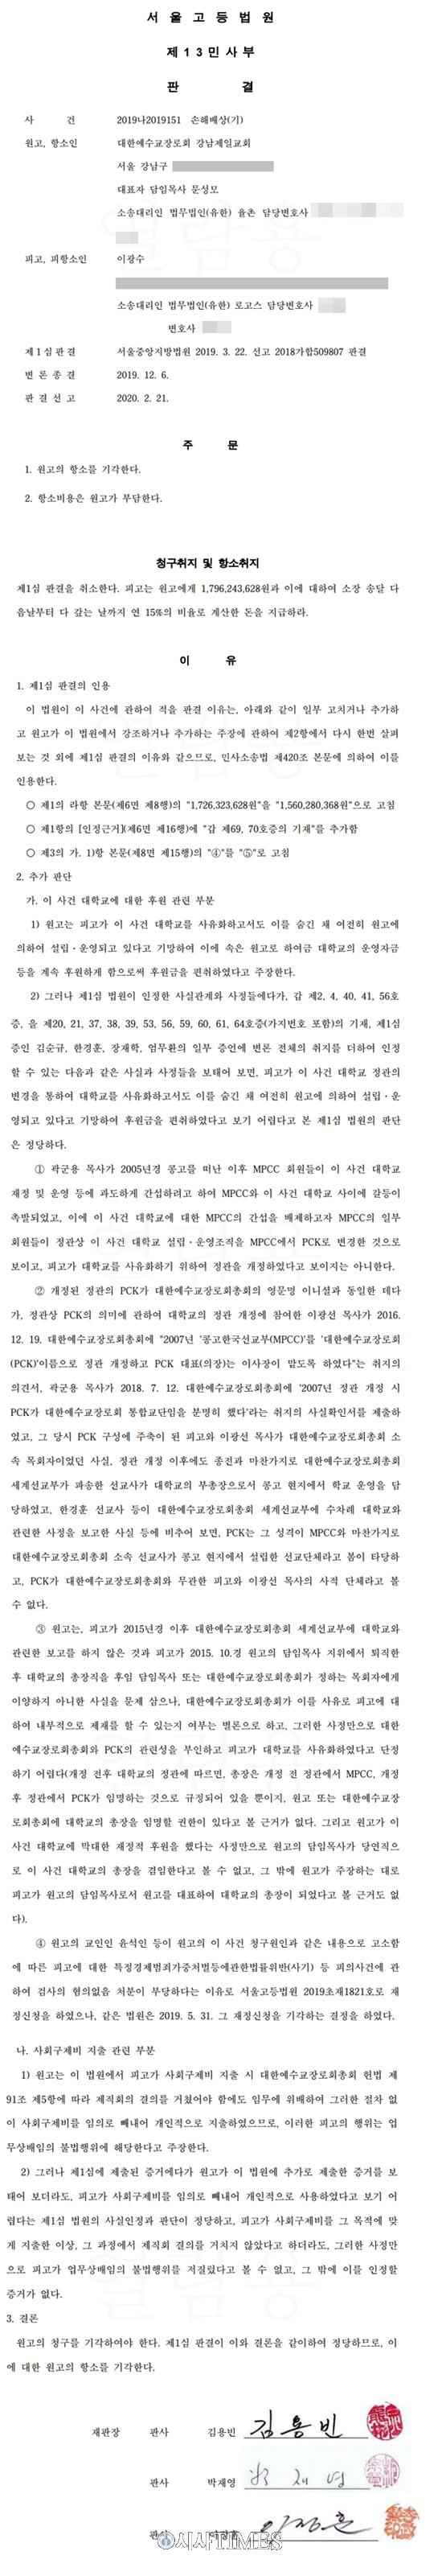 문성모 목사 측이 이광수 목사를 상대로 제기한 항소심…18억 손해배상 건 서울고법 판결문 전문 공개